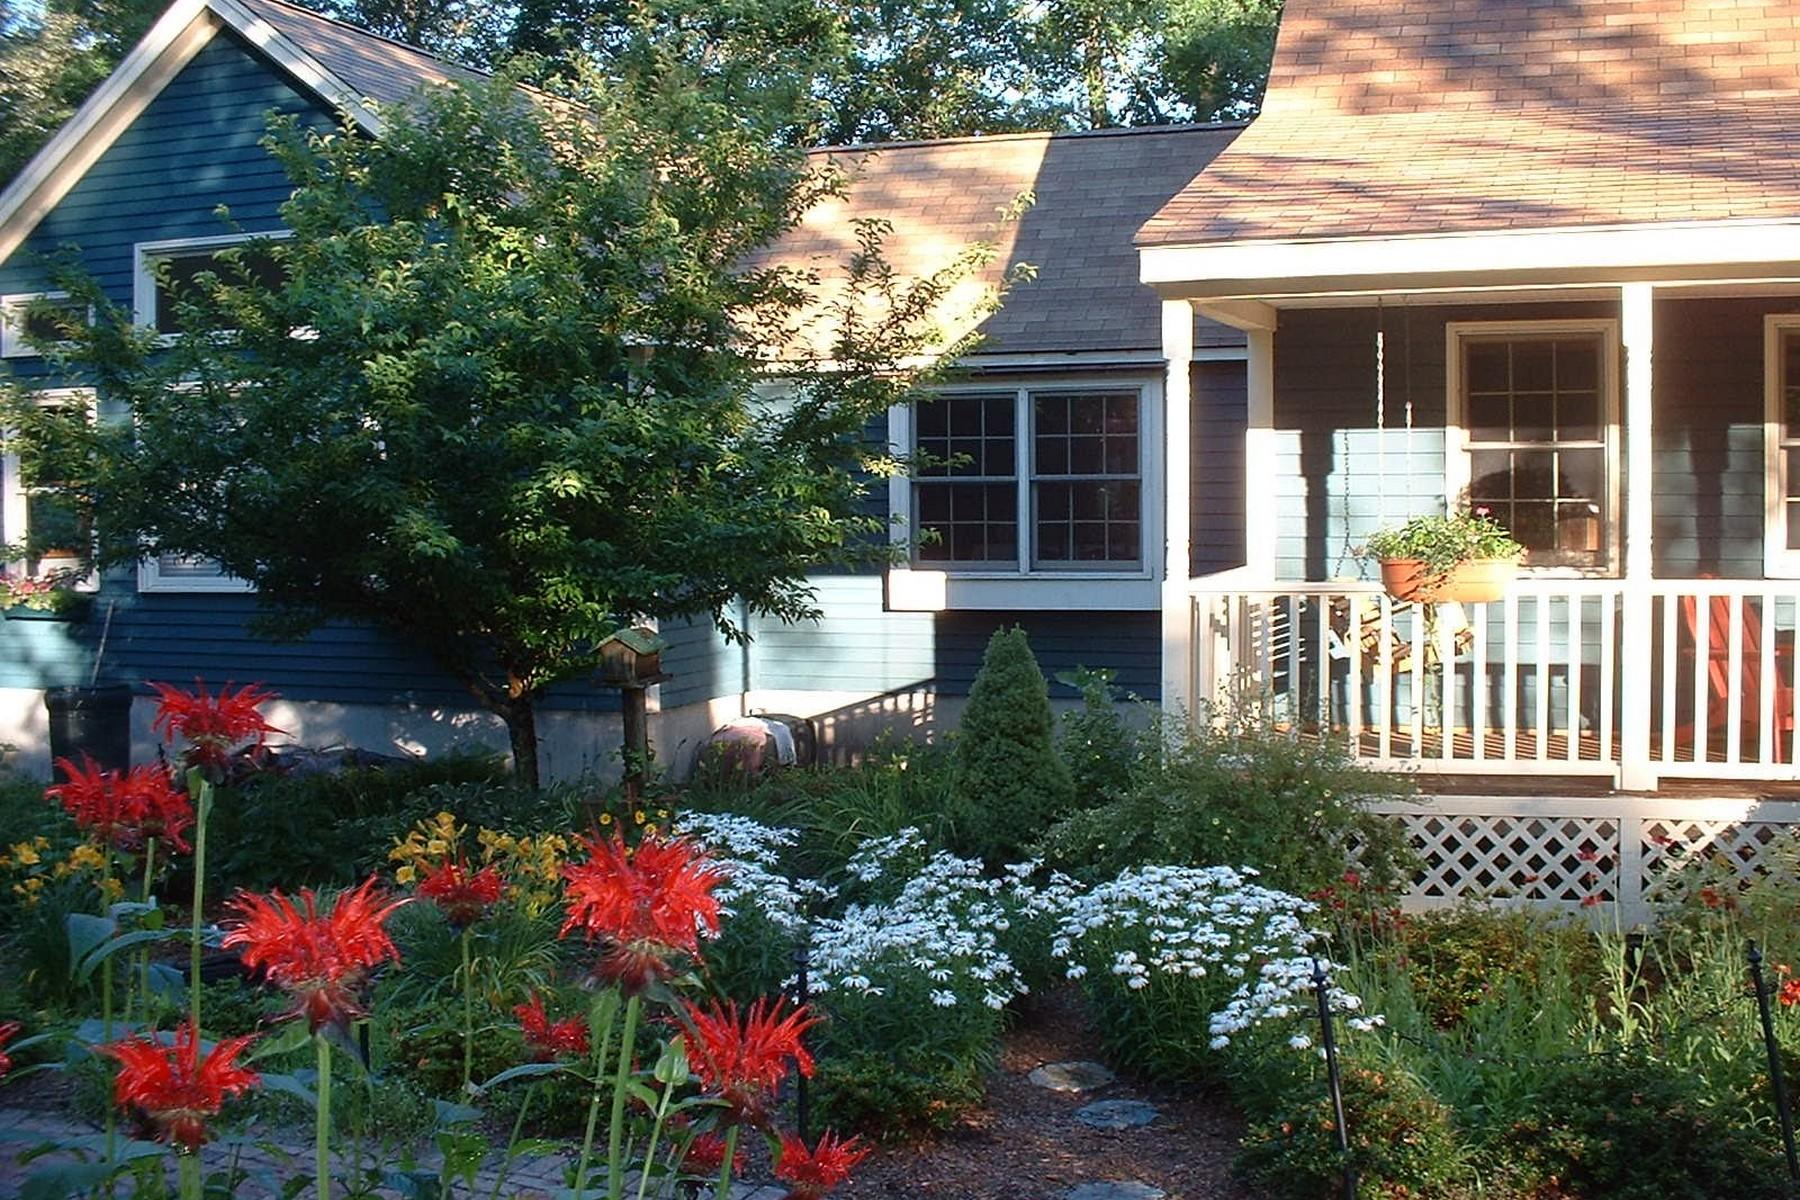 独户住宅 为 销售 在 Lovely Cedar Lake is a Short Walk Away! 12 Winthrop Rd 切斯特, 康涅狄格州, 06412 美国